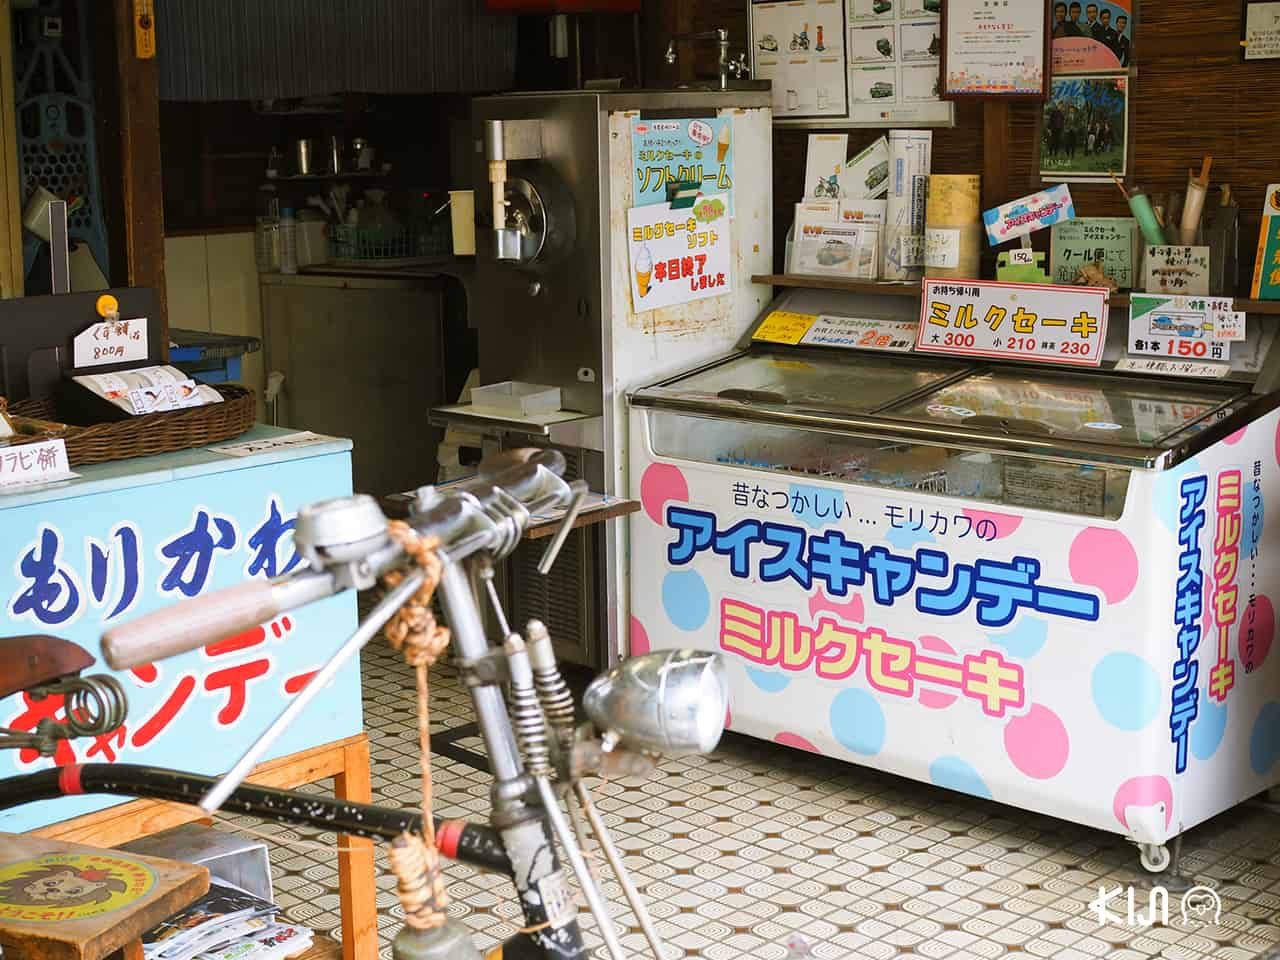 ร้านรวงที่บุงโกะทาคาดะ (Bungotakada), โออิตะ (Oita)